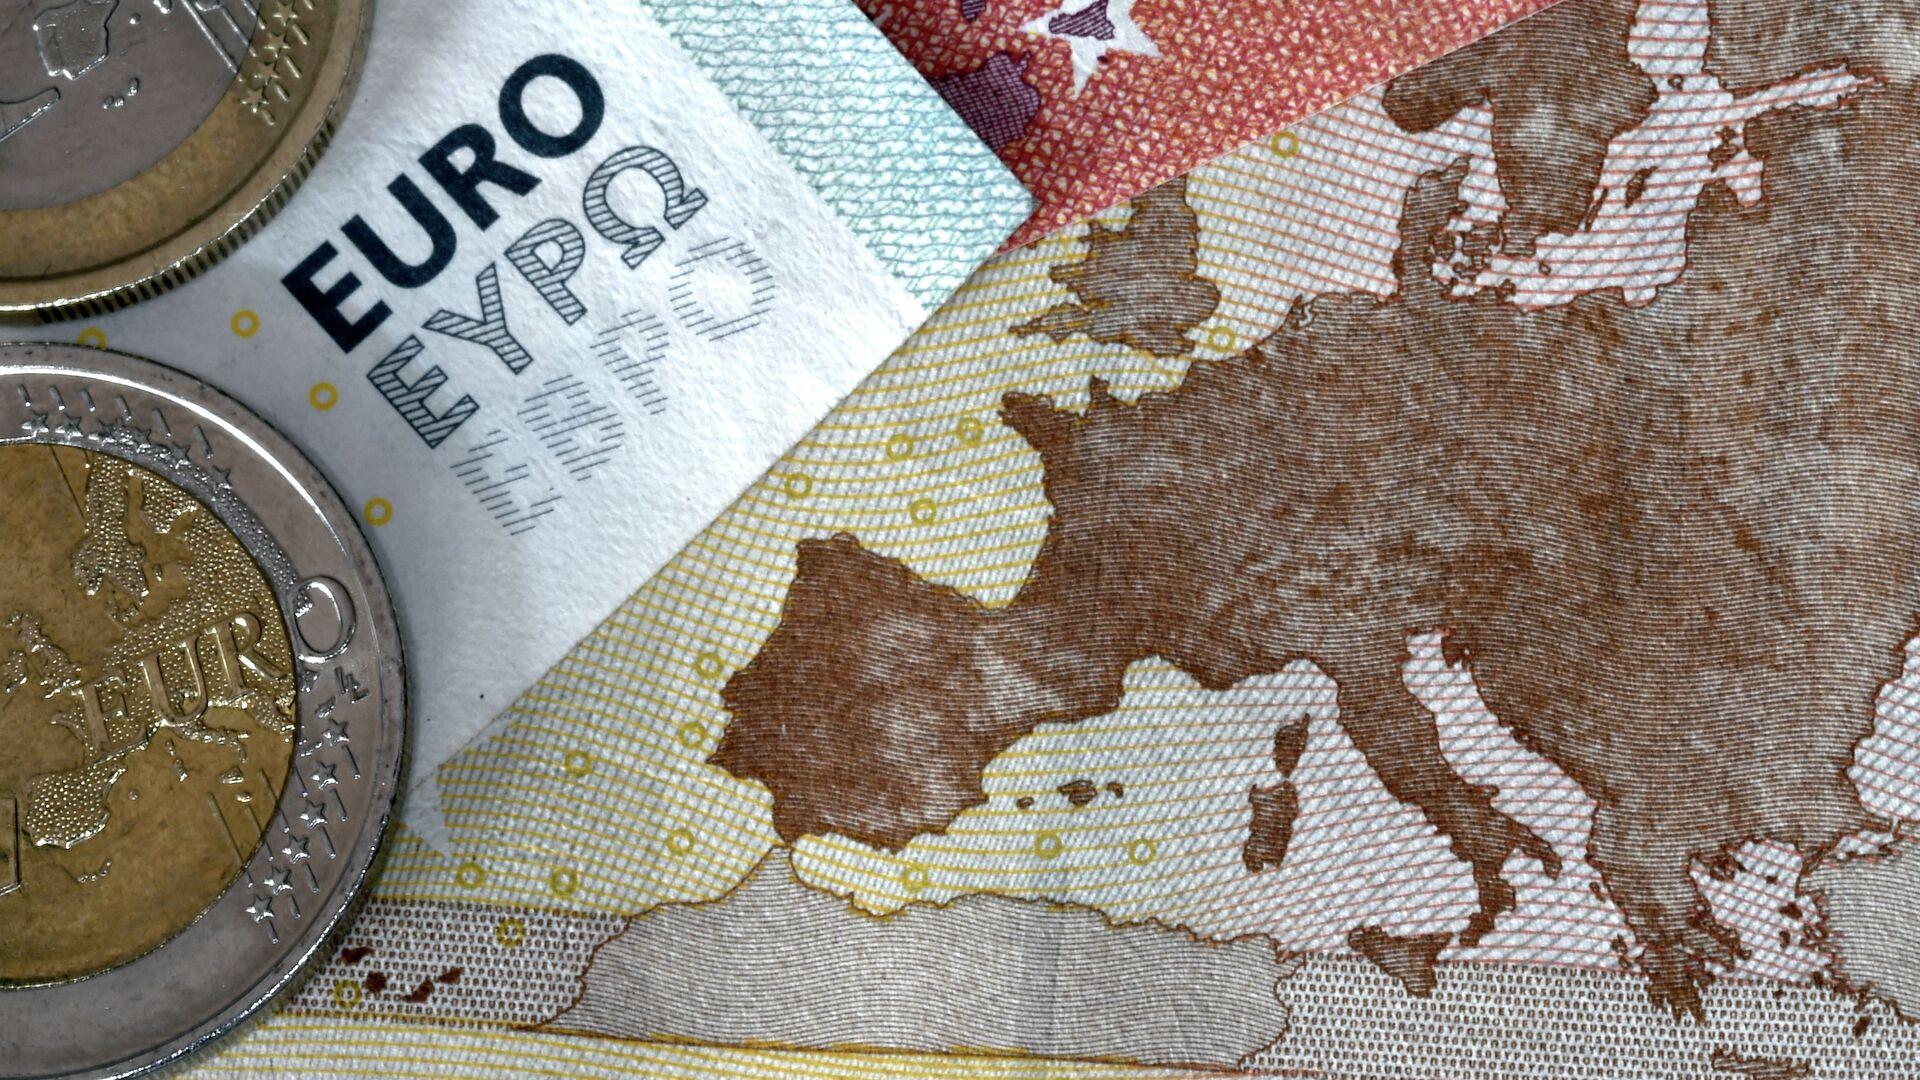 Monedas y billetes de euro - Sputnik Mundo, 1920, 16.06.2021